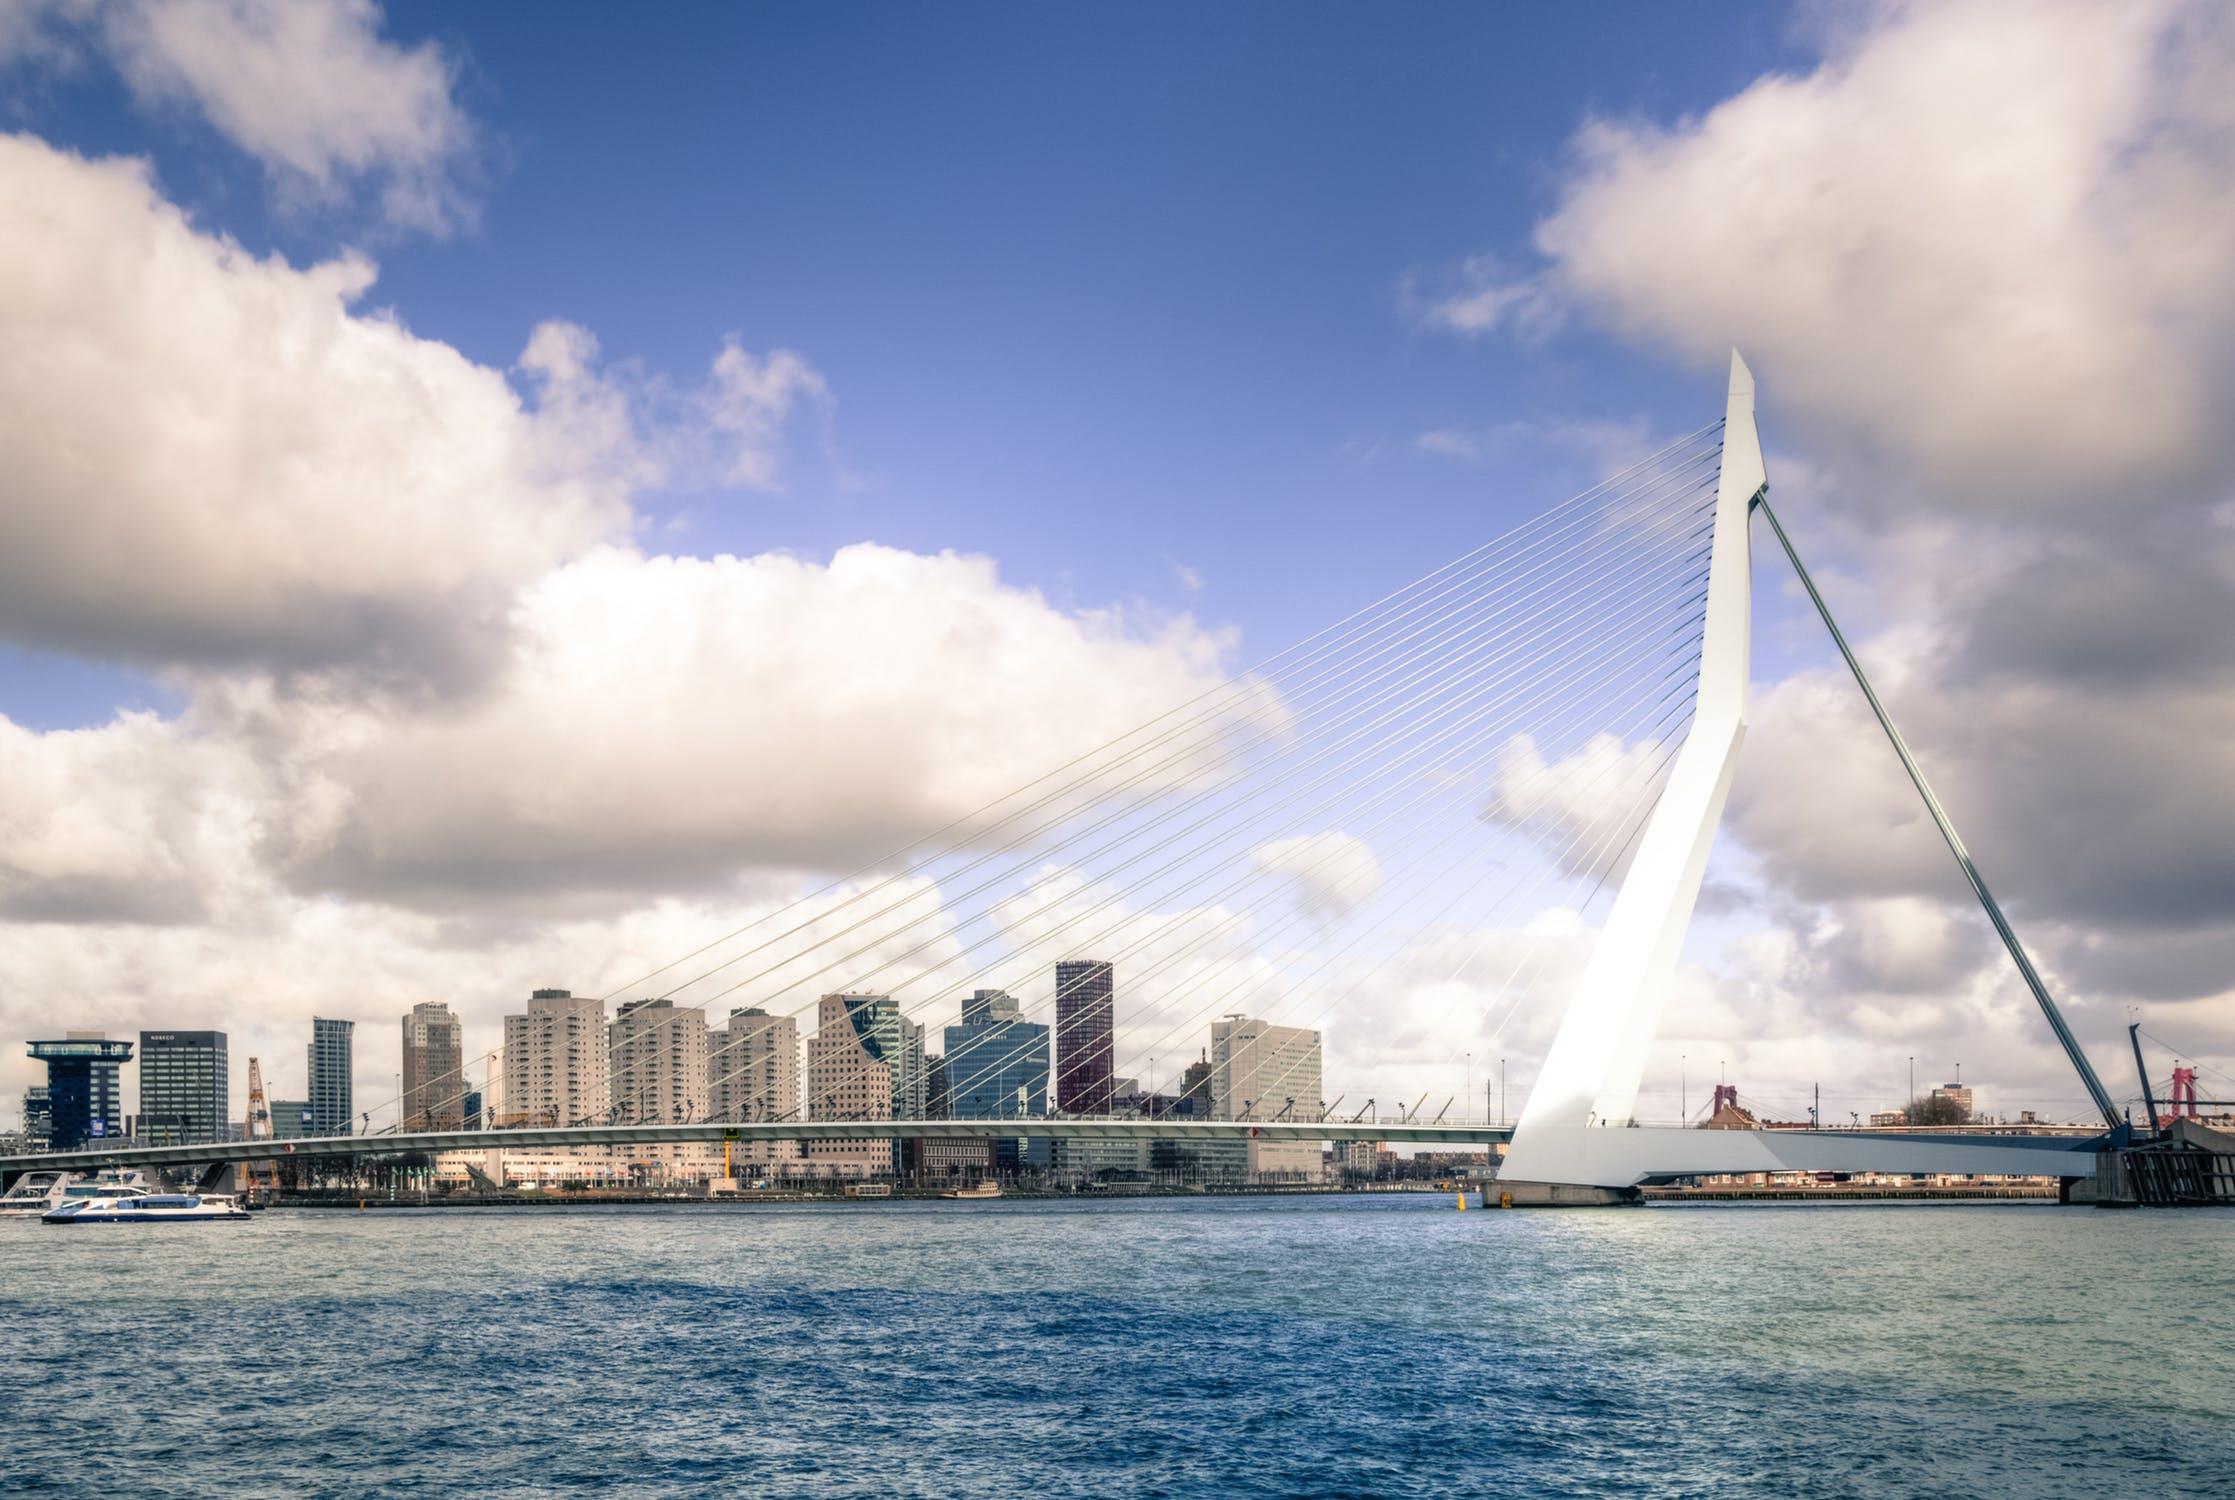 scopeweb Nederland